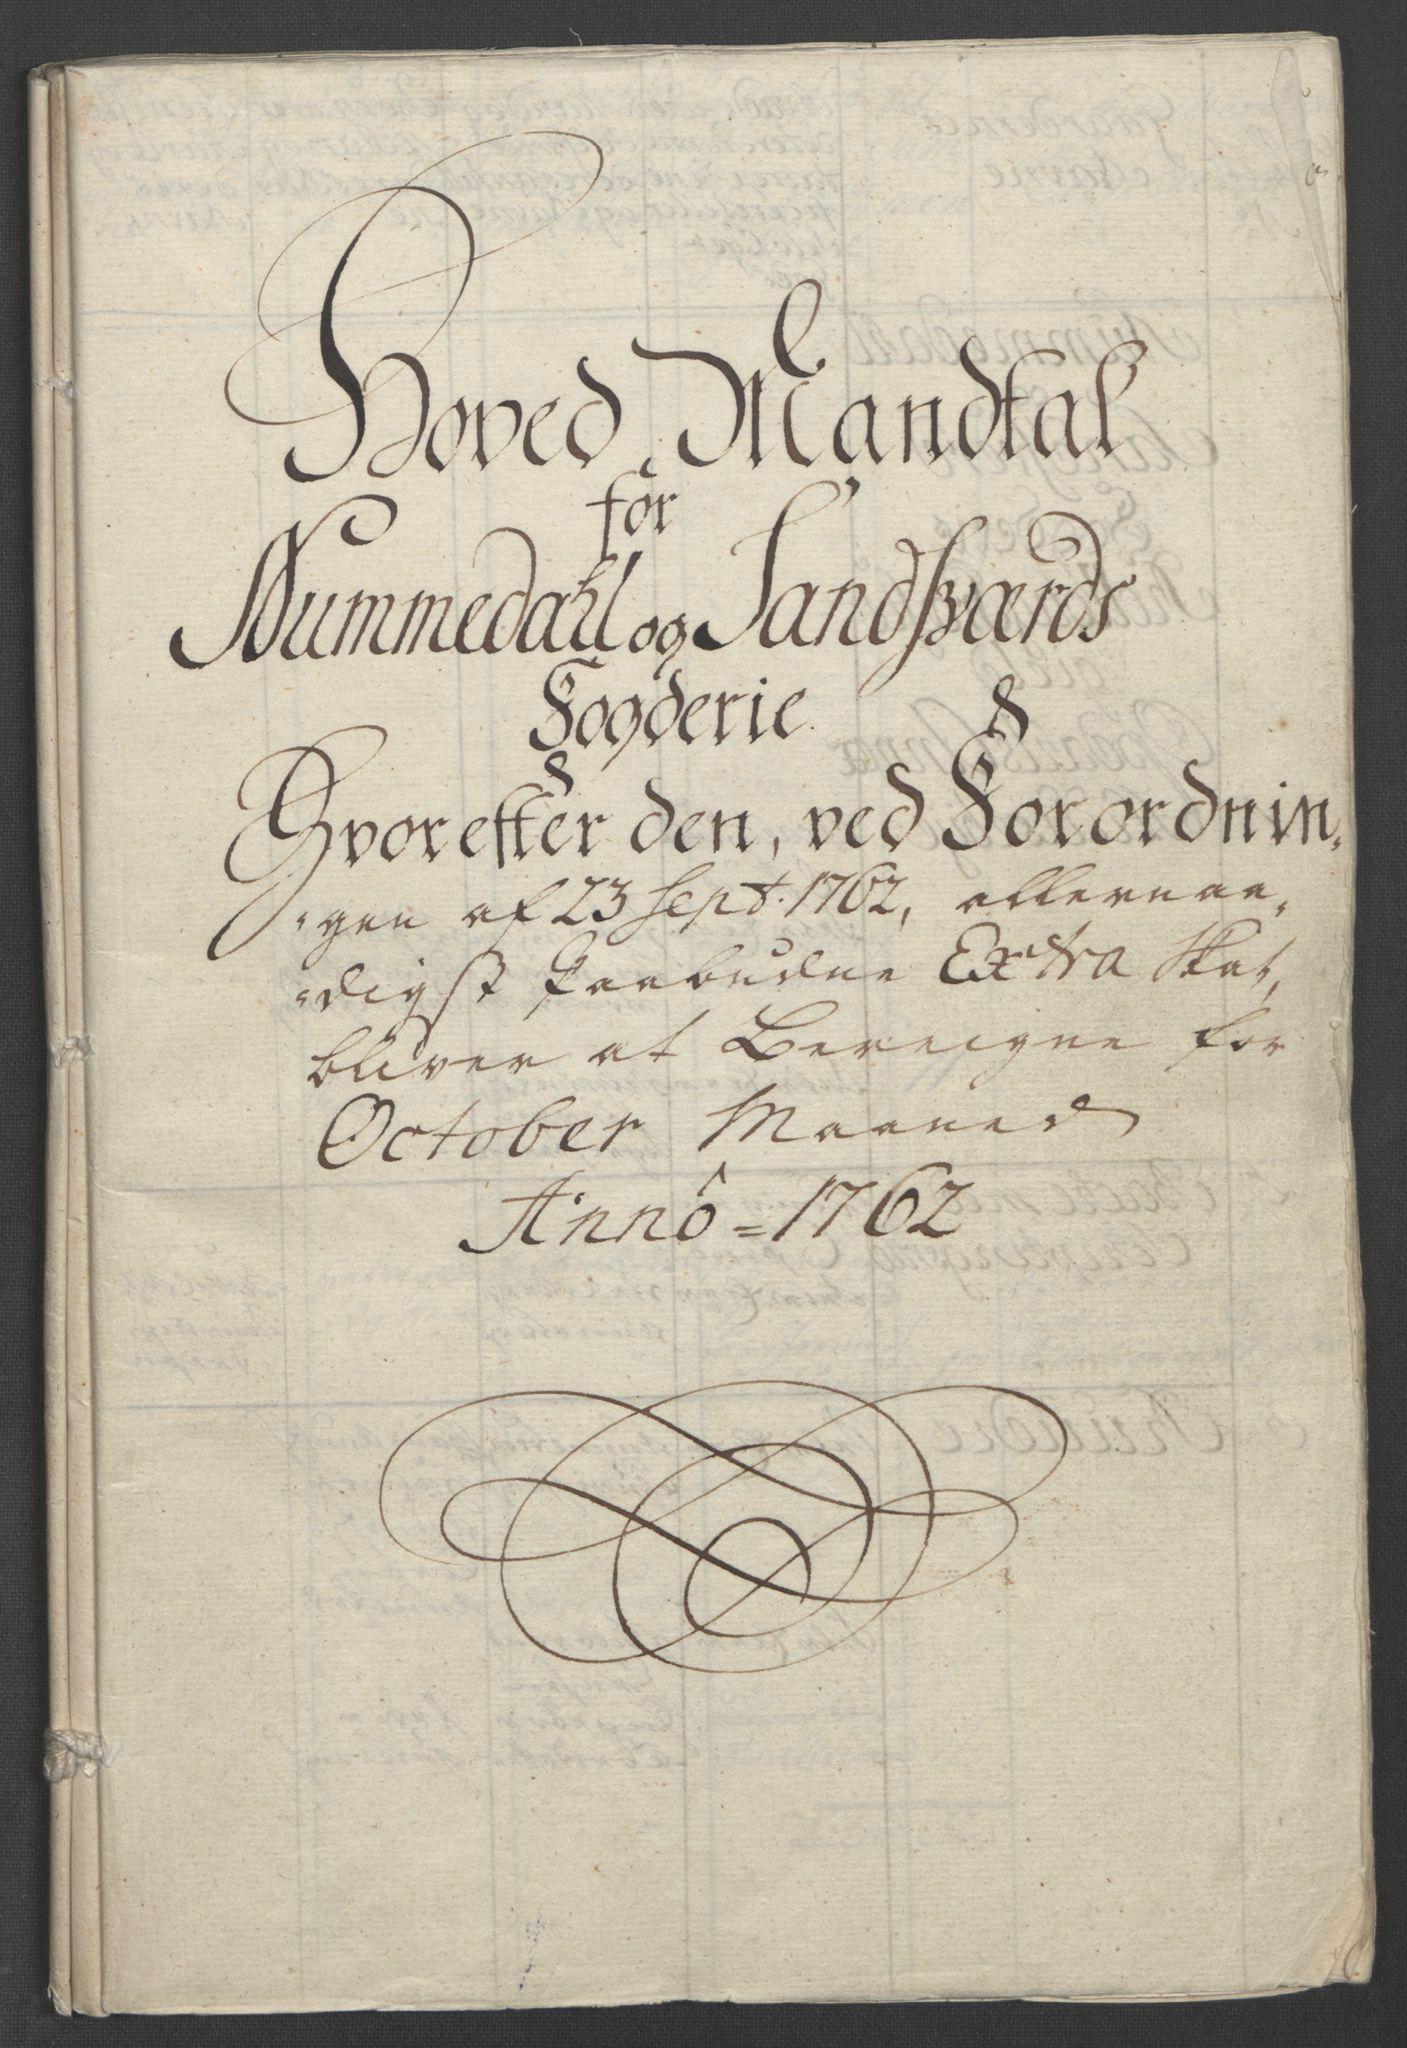 RA, Rentekammeret inntil 1814, Reviderte regnskaper, Fogderegnskap, R24/L1672: Ekstraskatten Numedal og Sandsvær, 1762-1767, s. 12